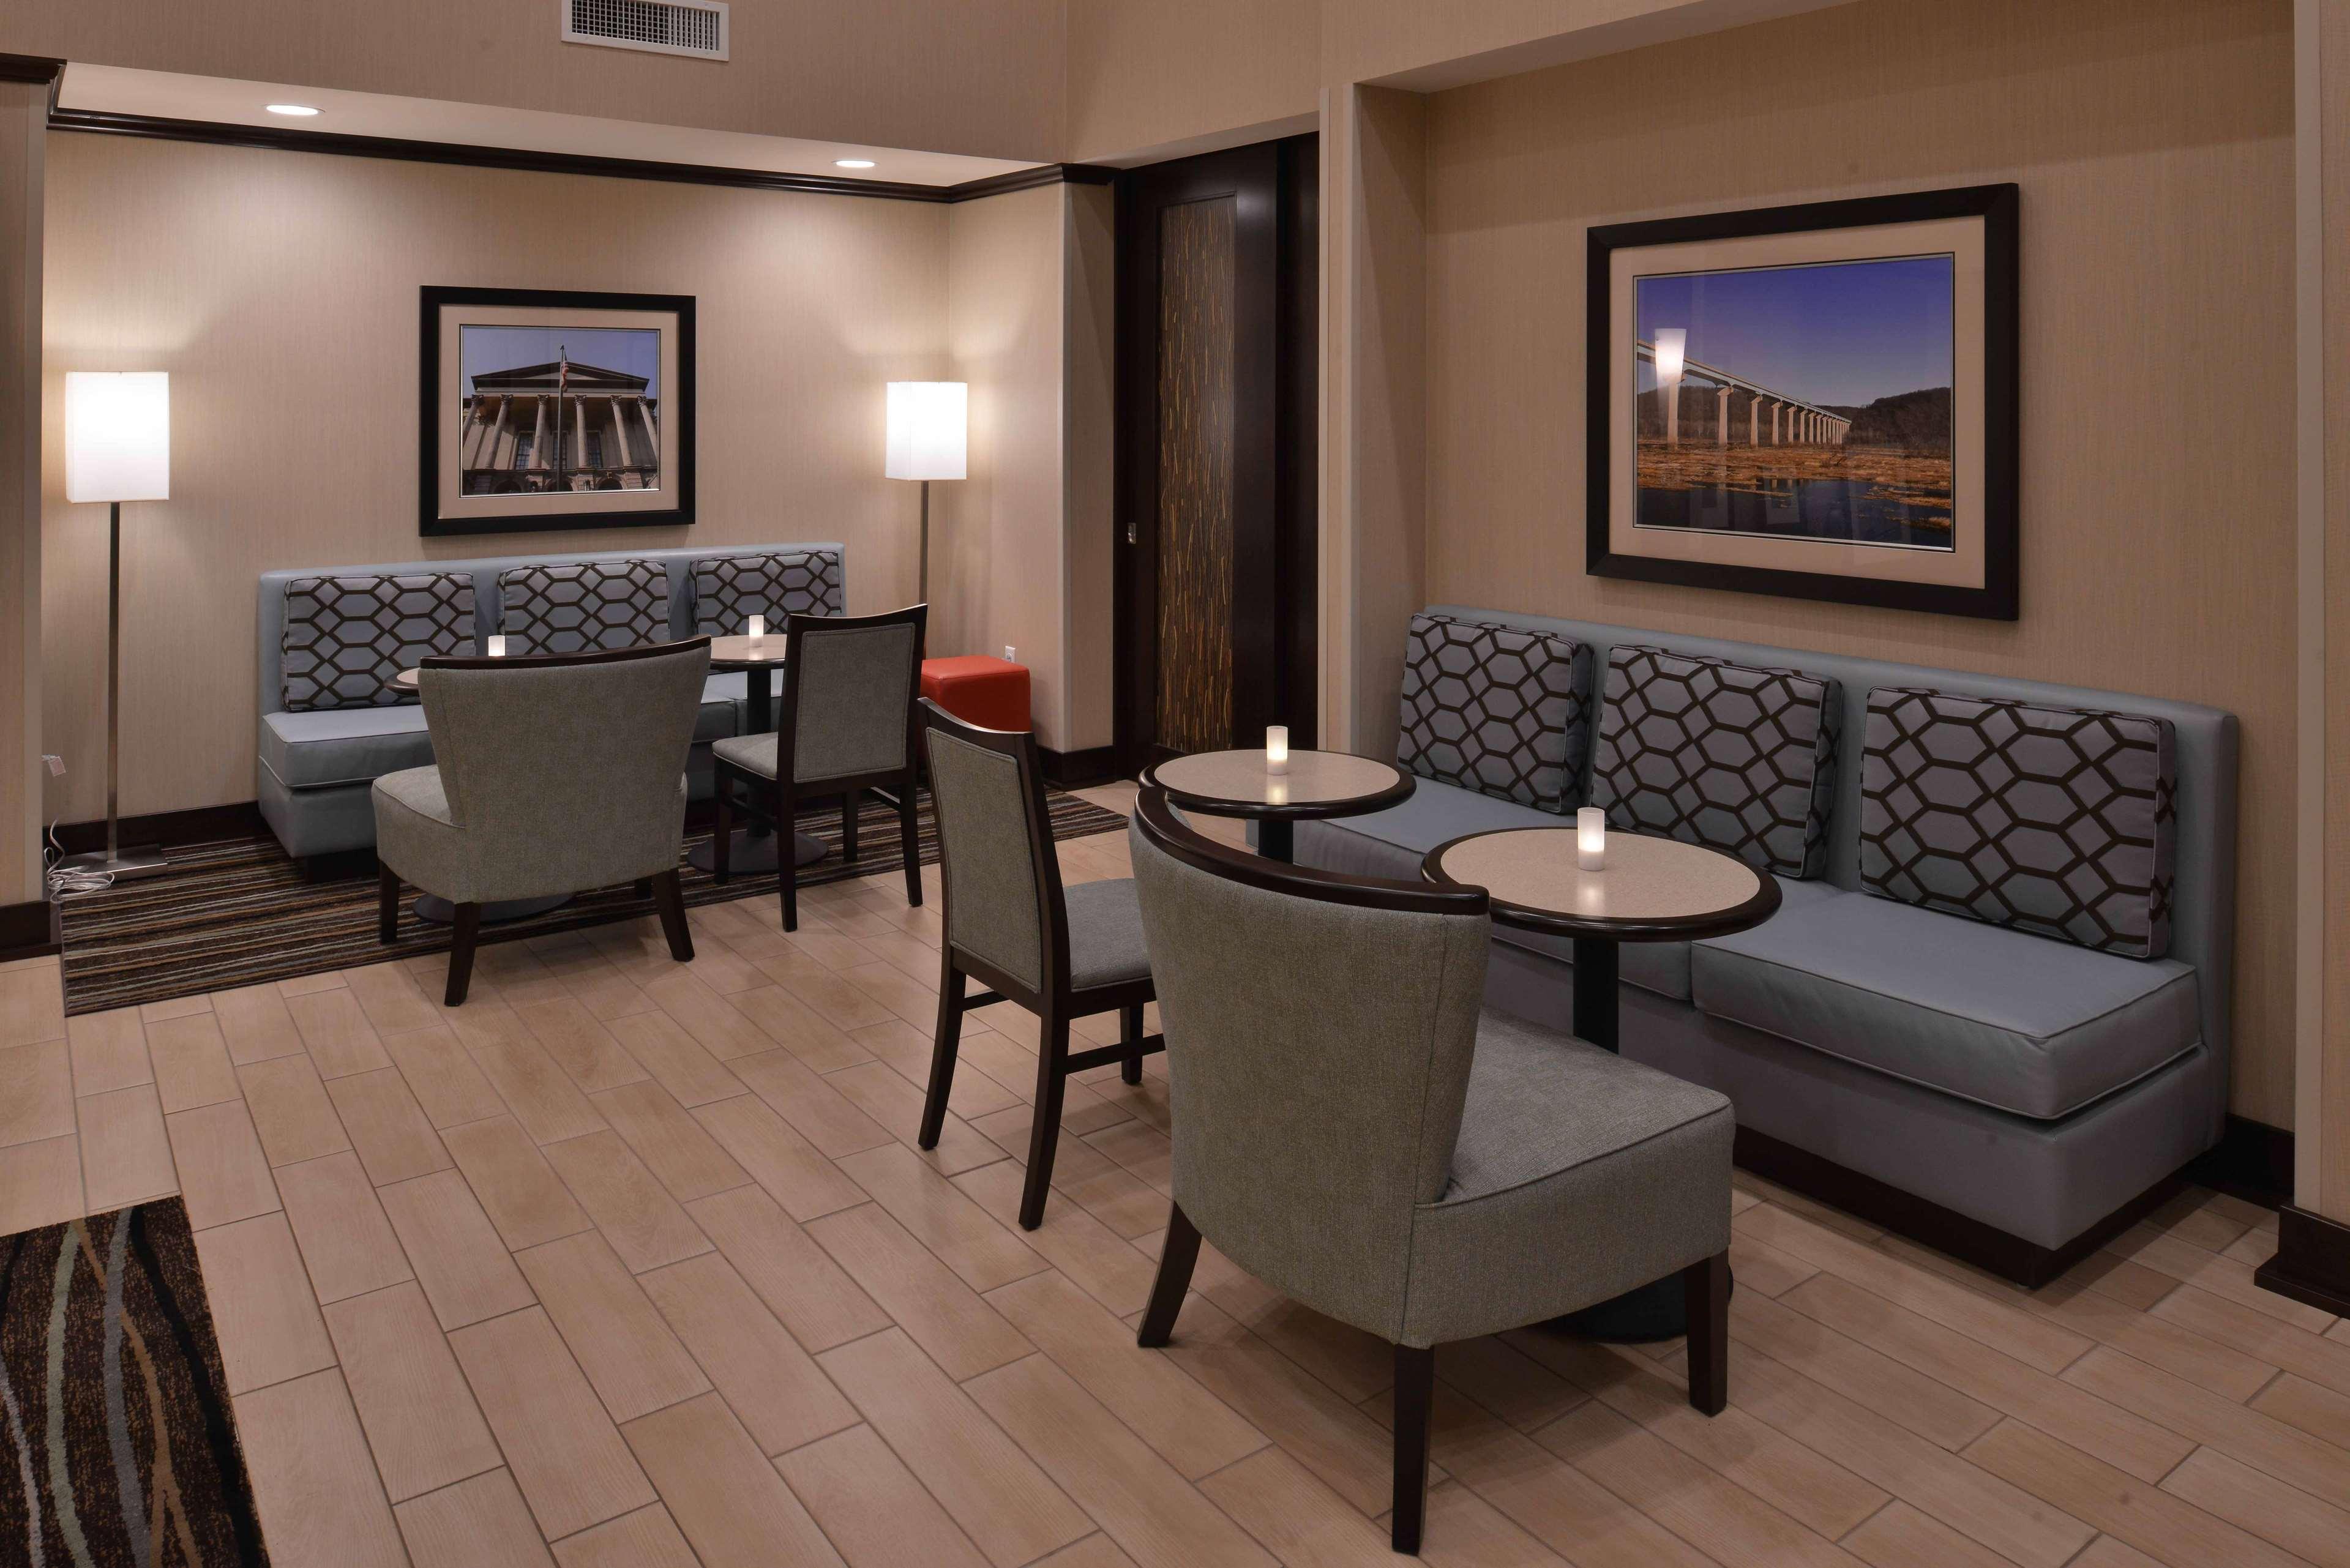 Hampton Inn & Suites Mount Joy/Lancaster West image 6